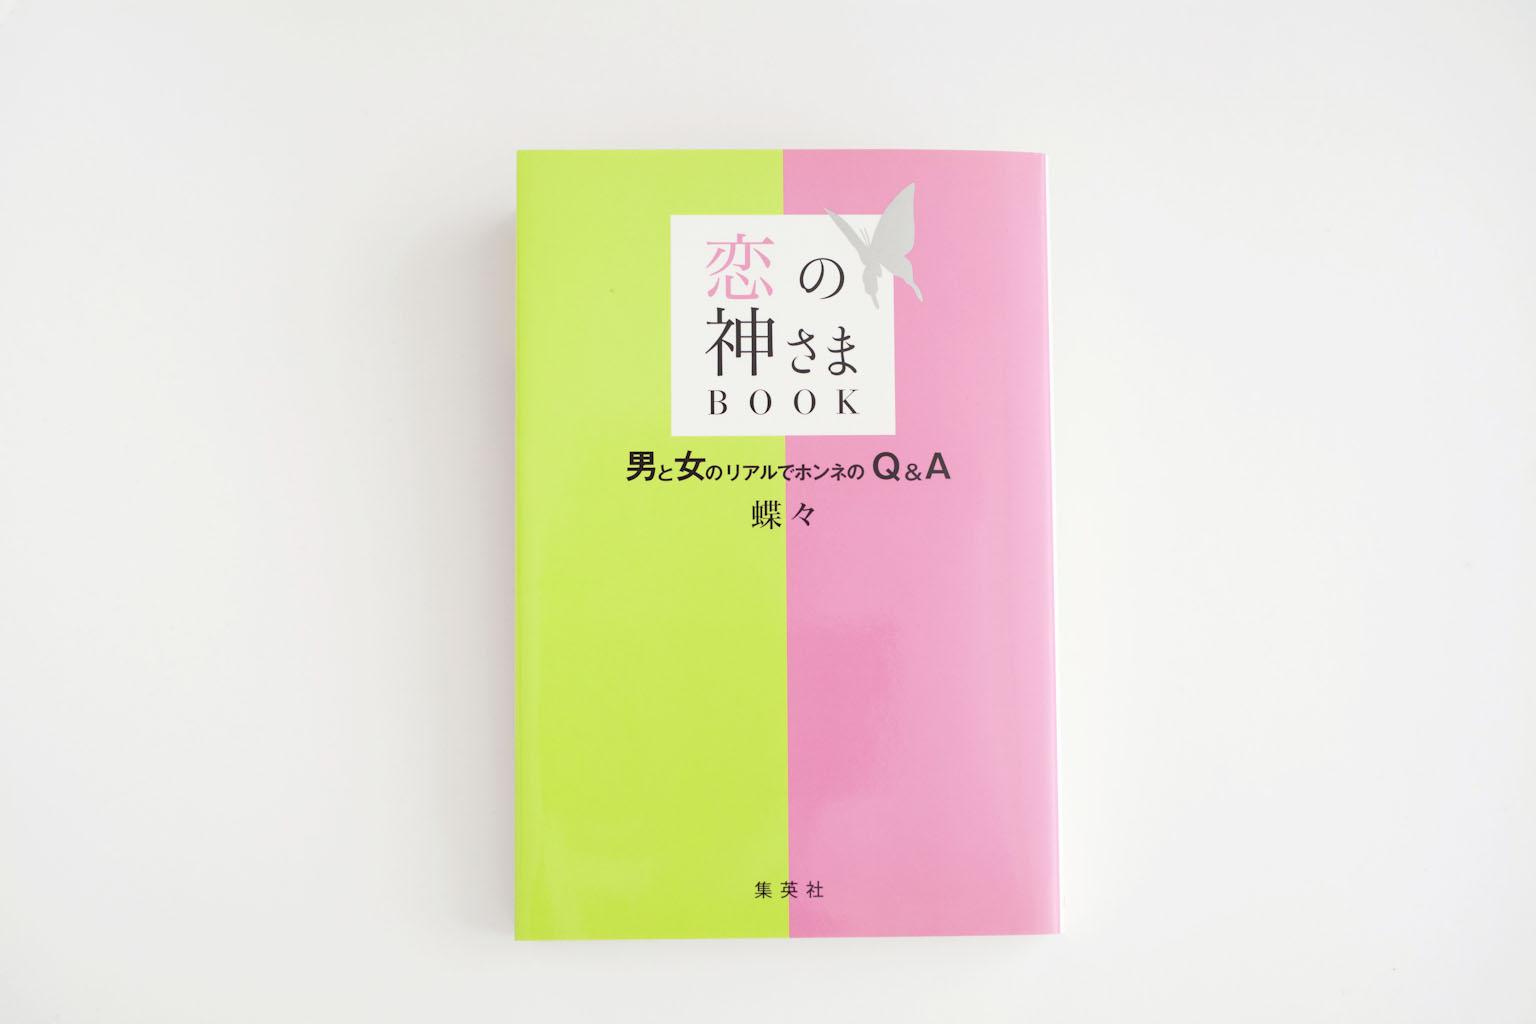 恋の神さまBOOK~男と女のリアルでホンネのQ&A~